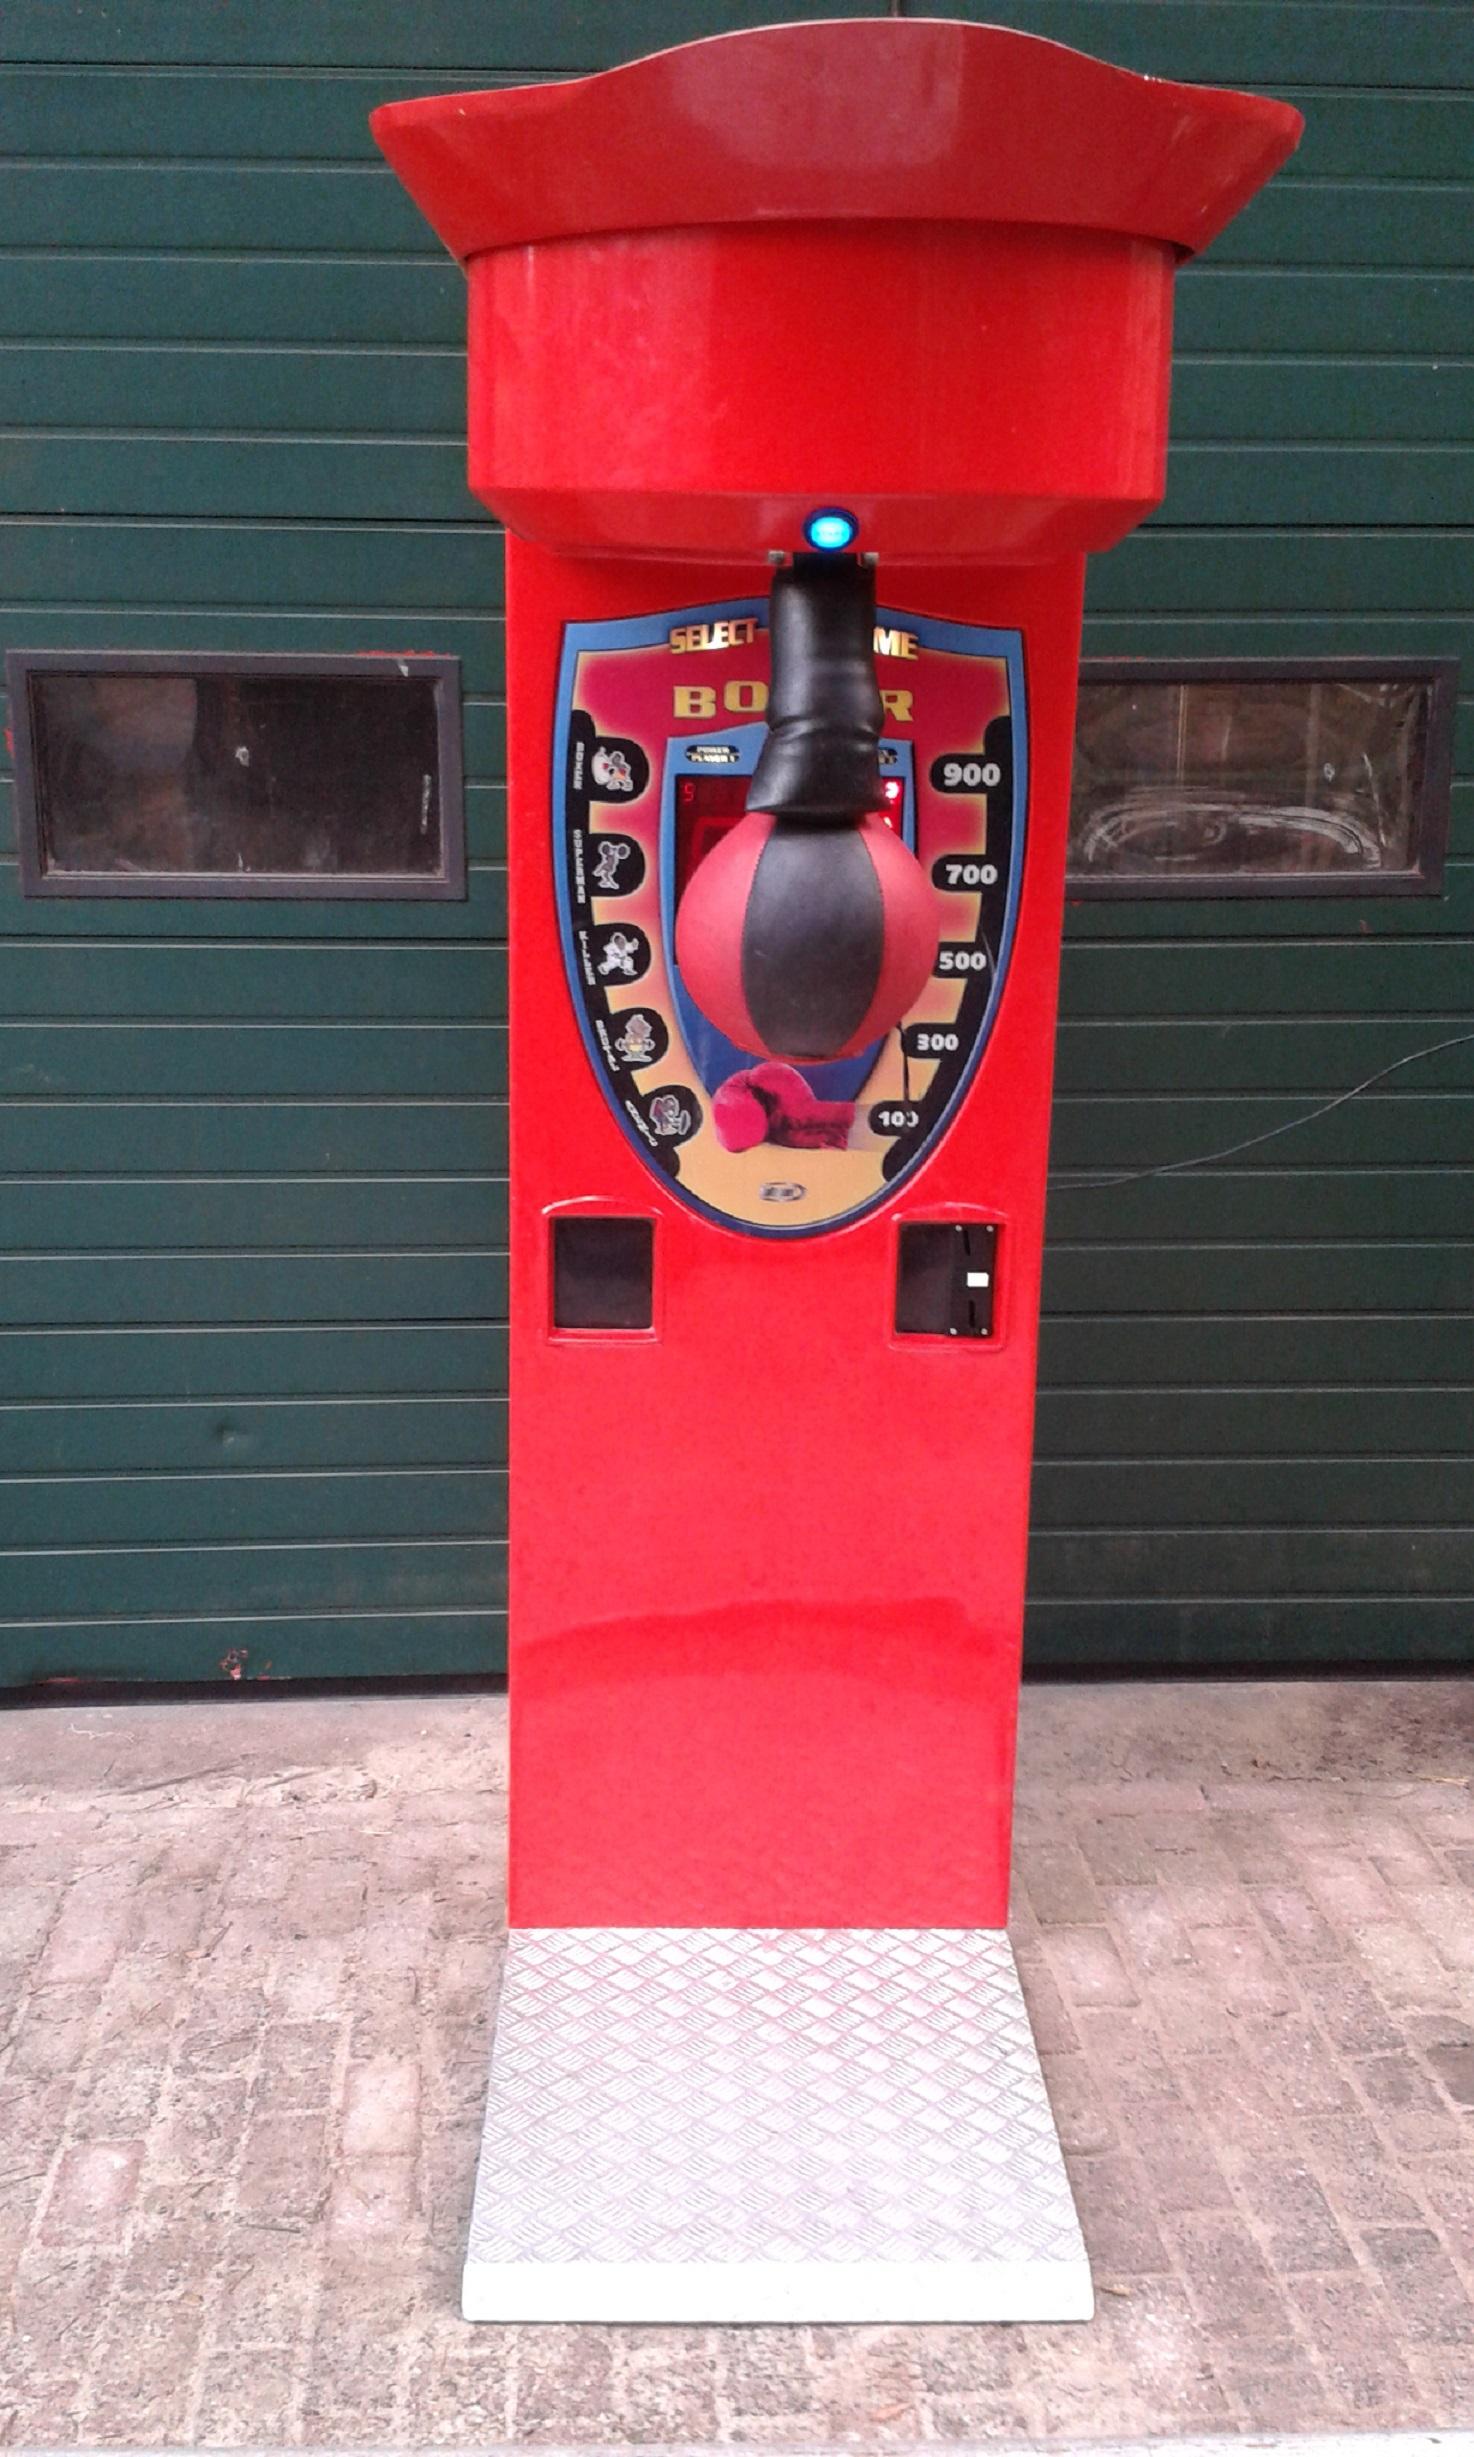 Uitgelezene Boksbal Automaat huren - AttractieFun TA-56